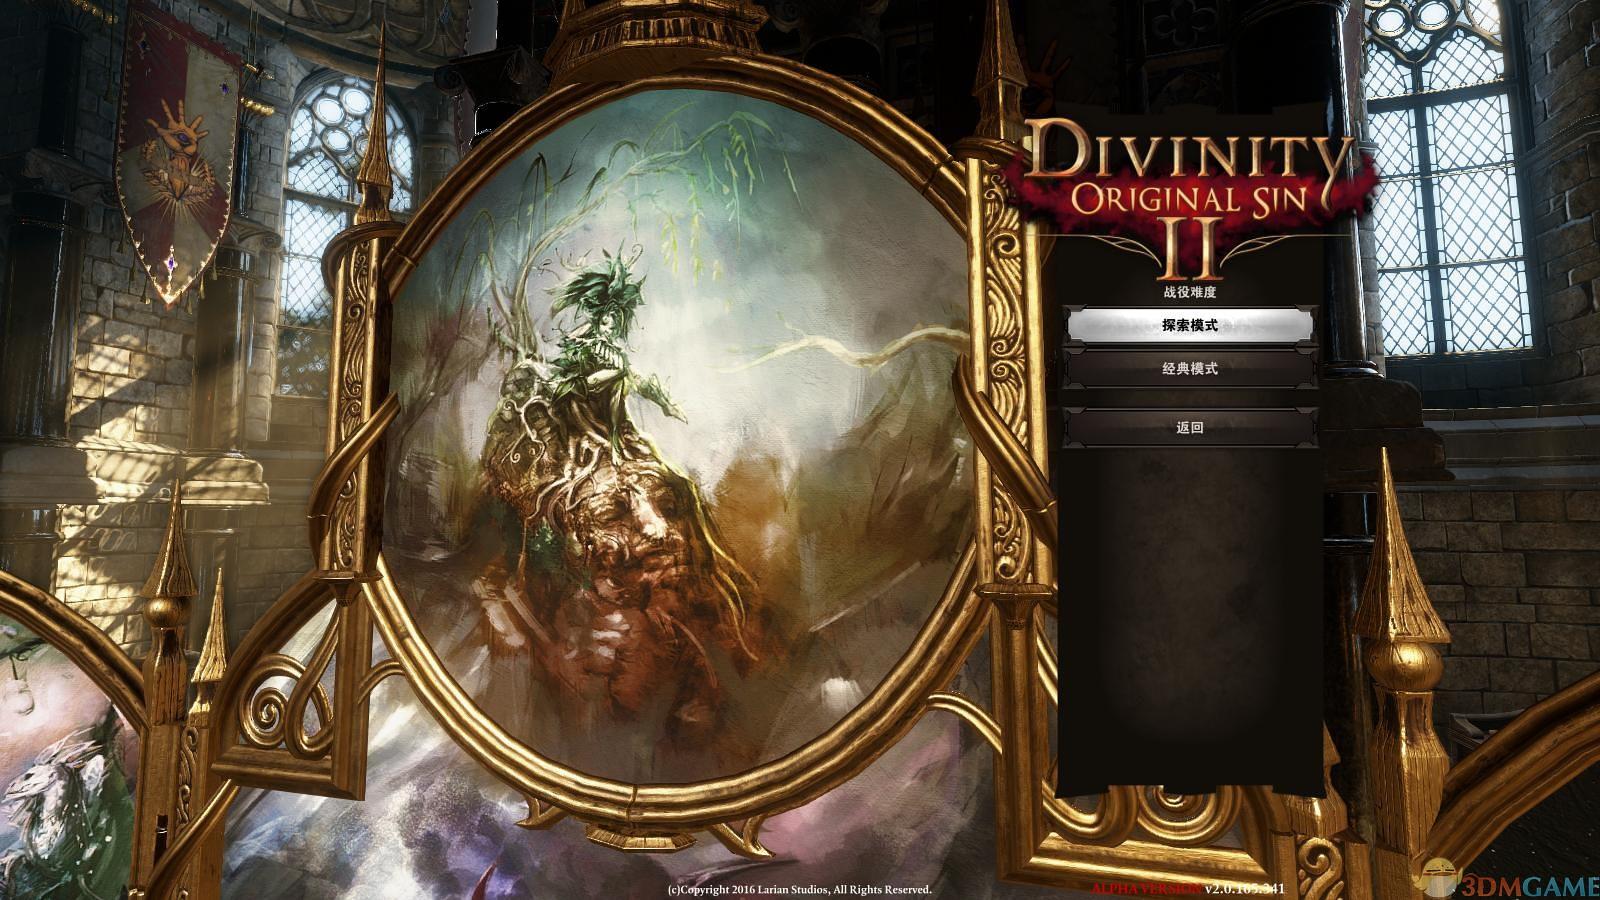 神界:原罪2 v2.0.165.304升级档+未加密补丁[3DM]